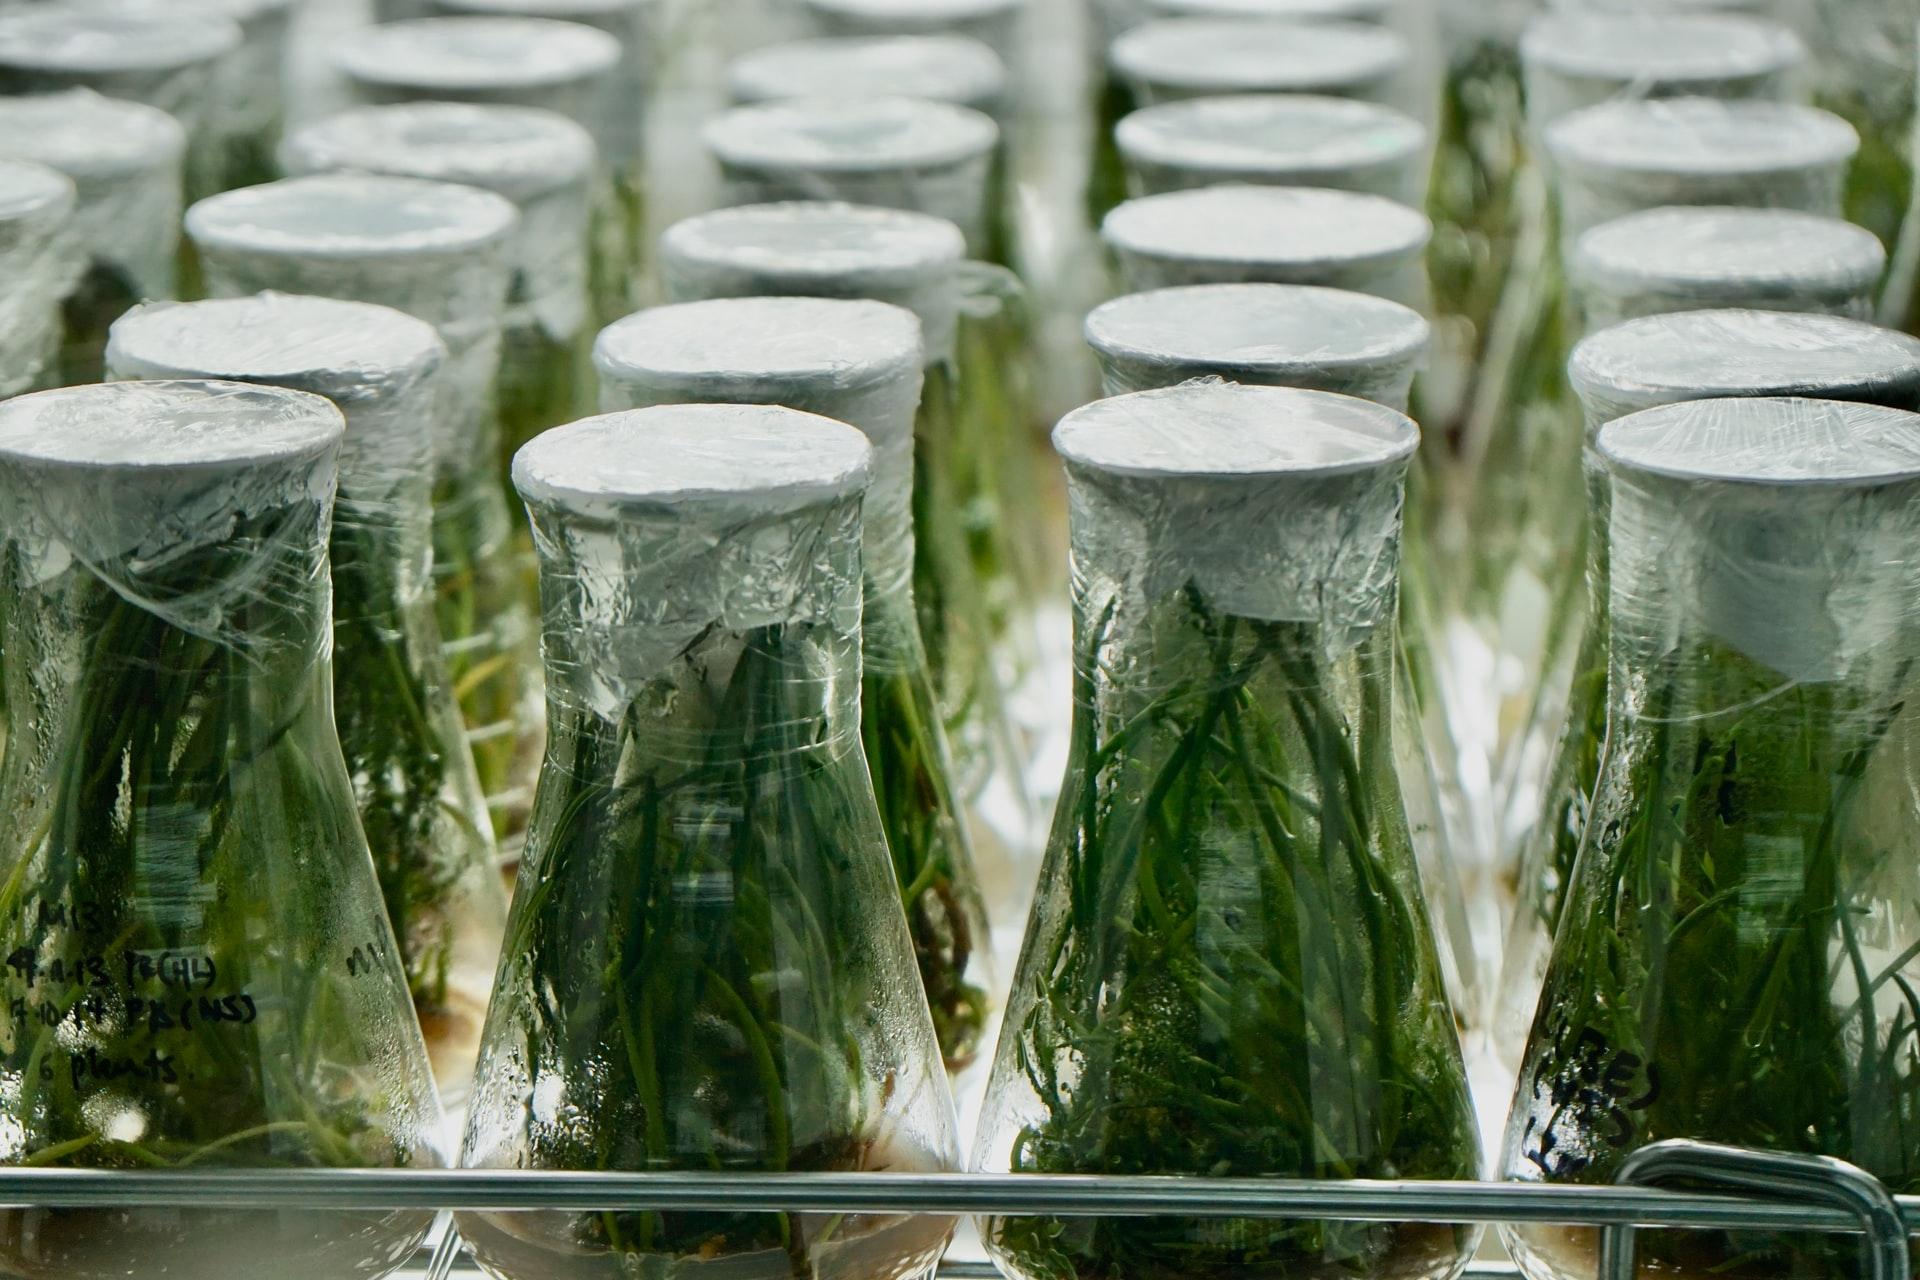 Les bienfaits du balcon-jardinage : que dit la science ?